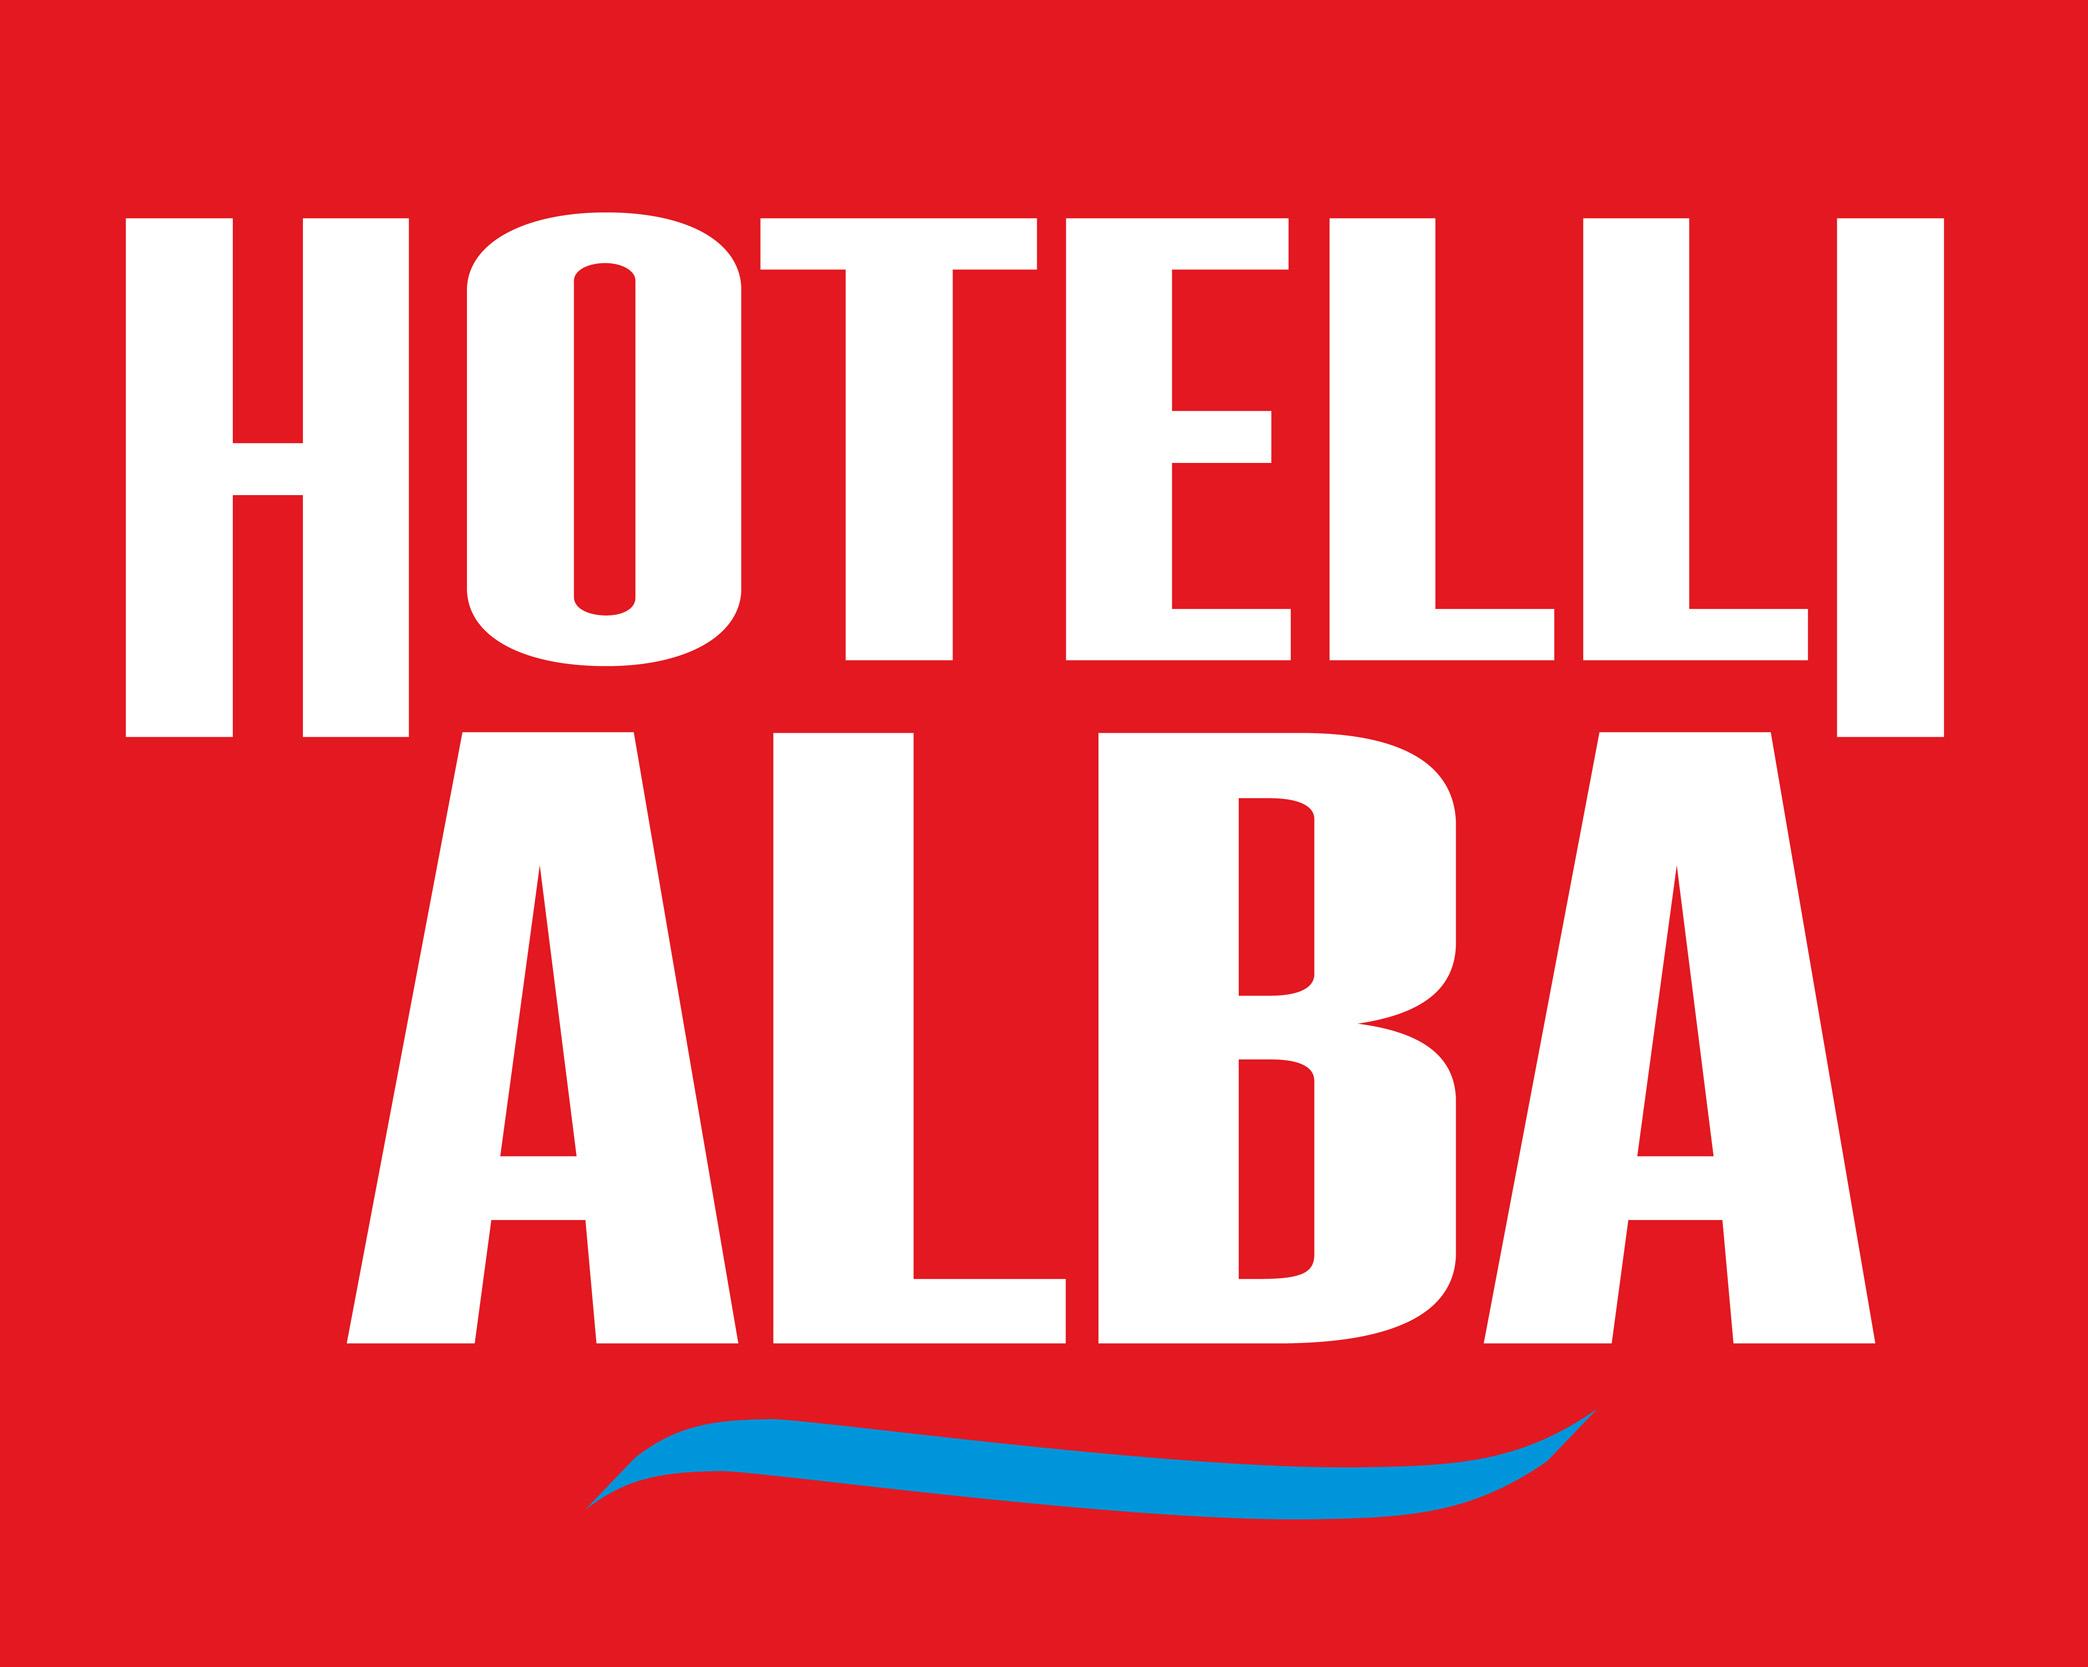 Hotelli ALBA Logo XmasJKL